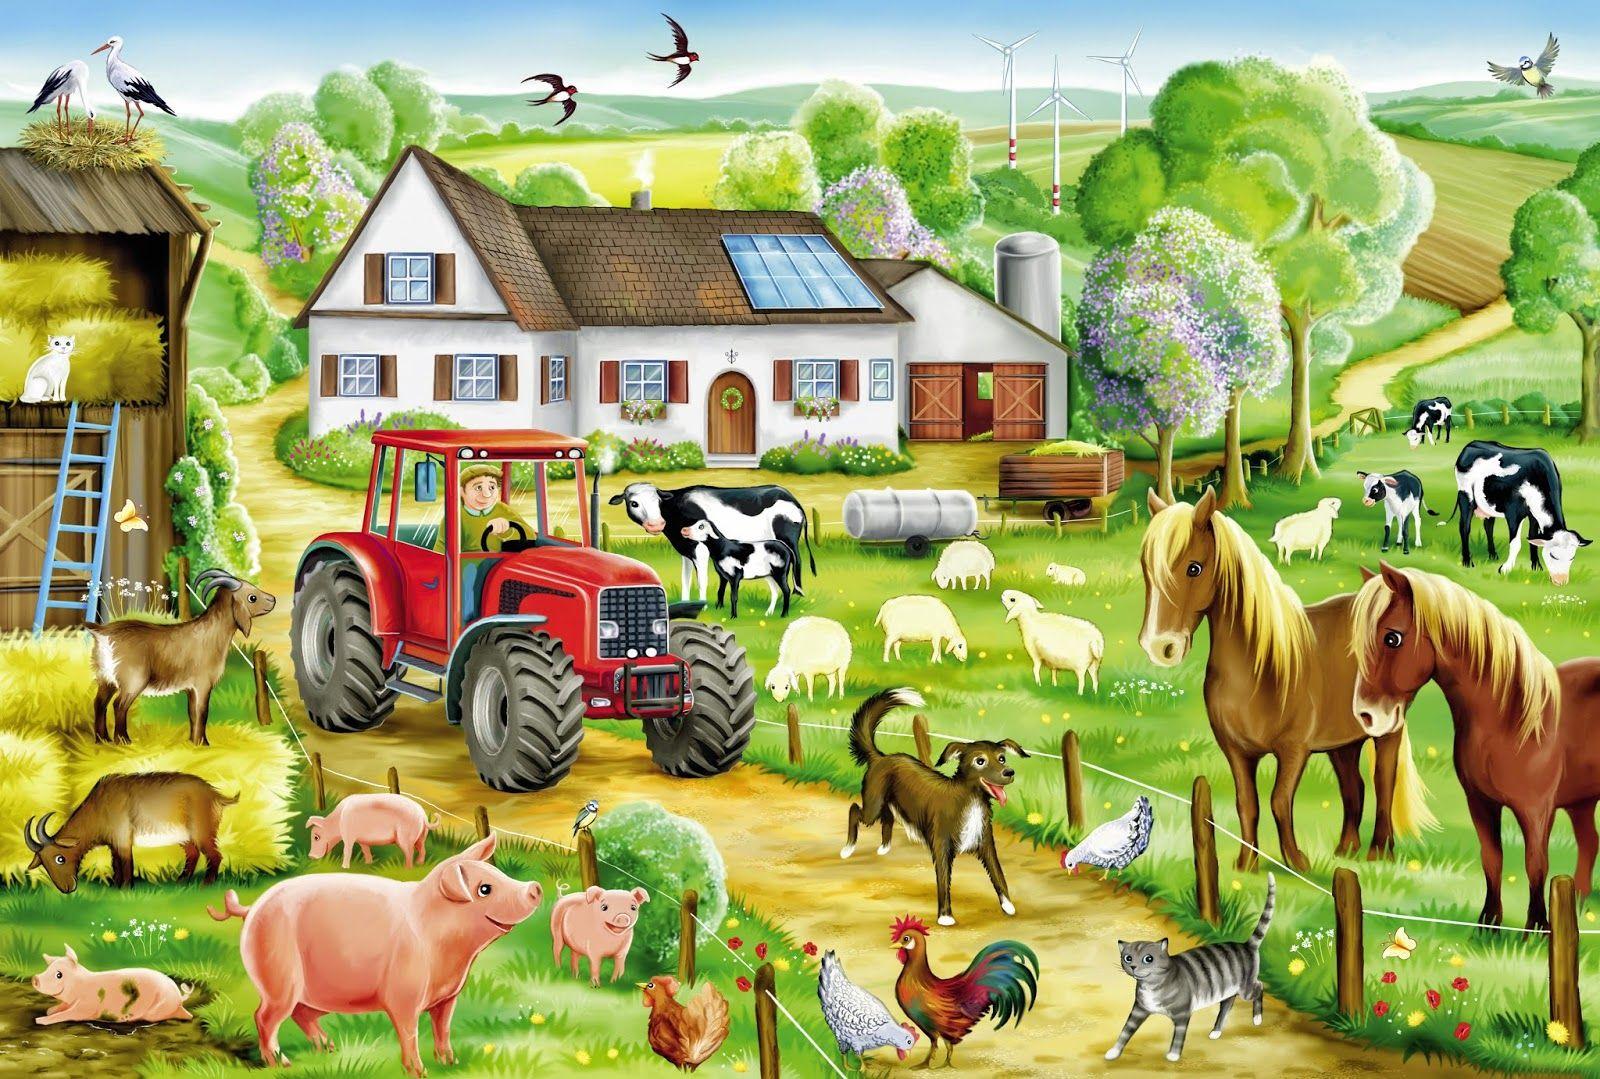 Картинки о сельском хозяйстве для детей, как настроение